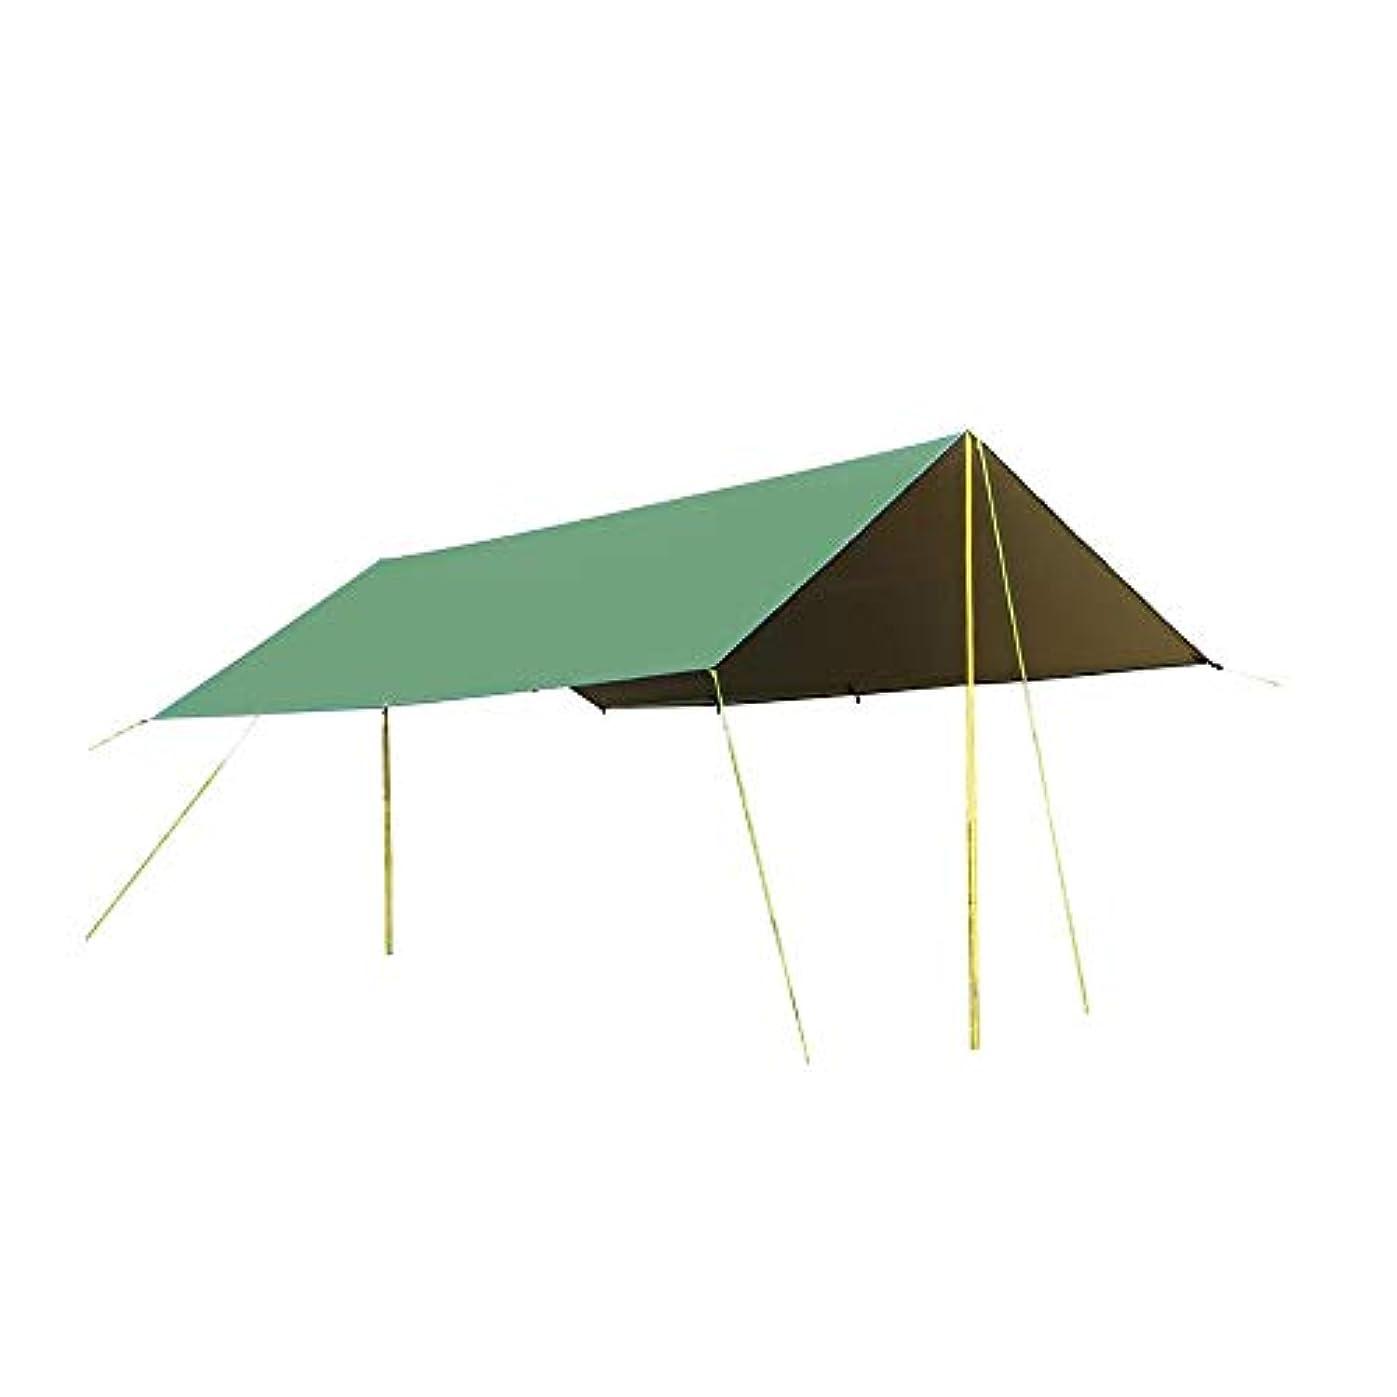 組ブリーフケースブラケットXIAOLIN 軽量防水レインタープカバーテントシェルター用キャンプアウトドア旅行キャンプ釣り日焼け止めオーニング (色 : 緑, サイズ さいず : 5x3m)